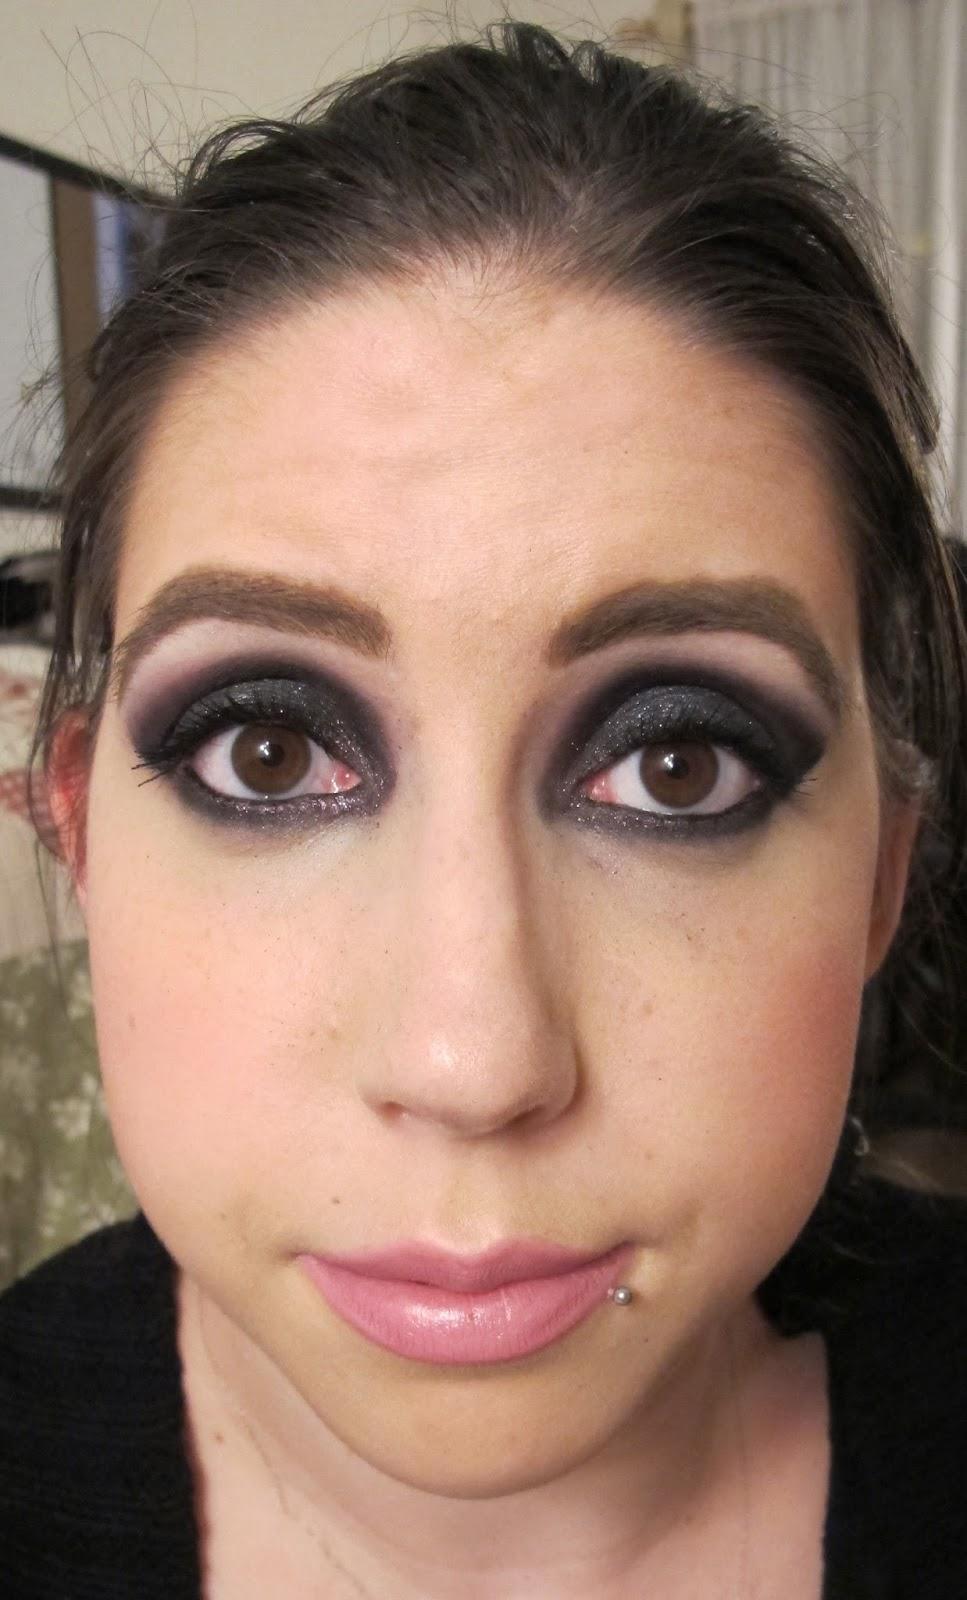 Steph Stud Makeup: Purple Sparkly Smokey Eyes